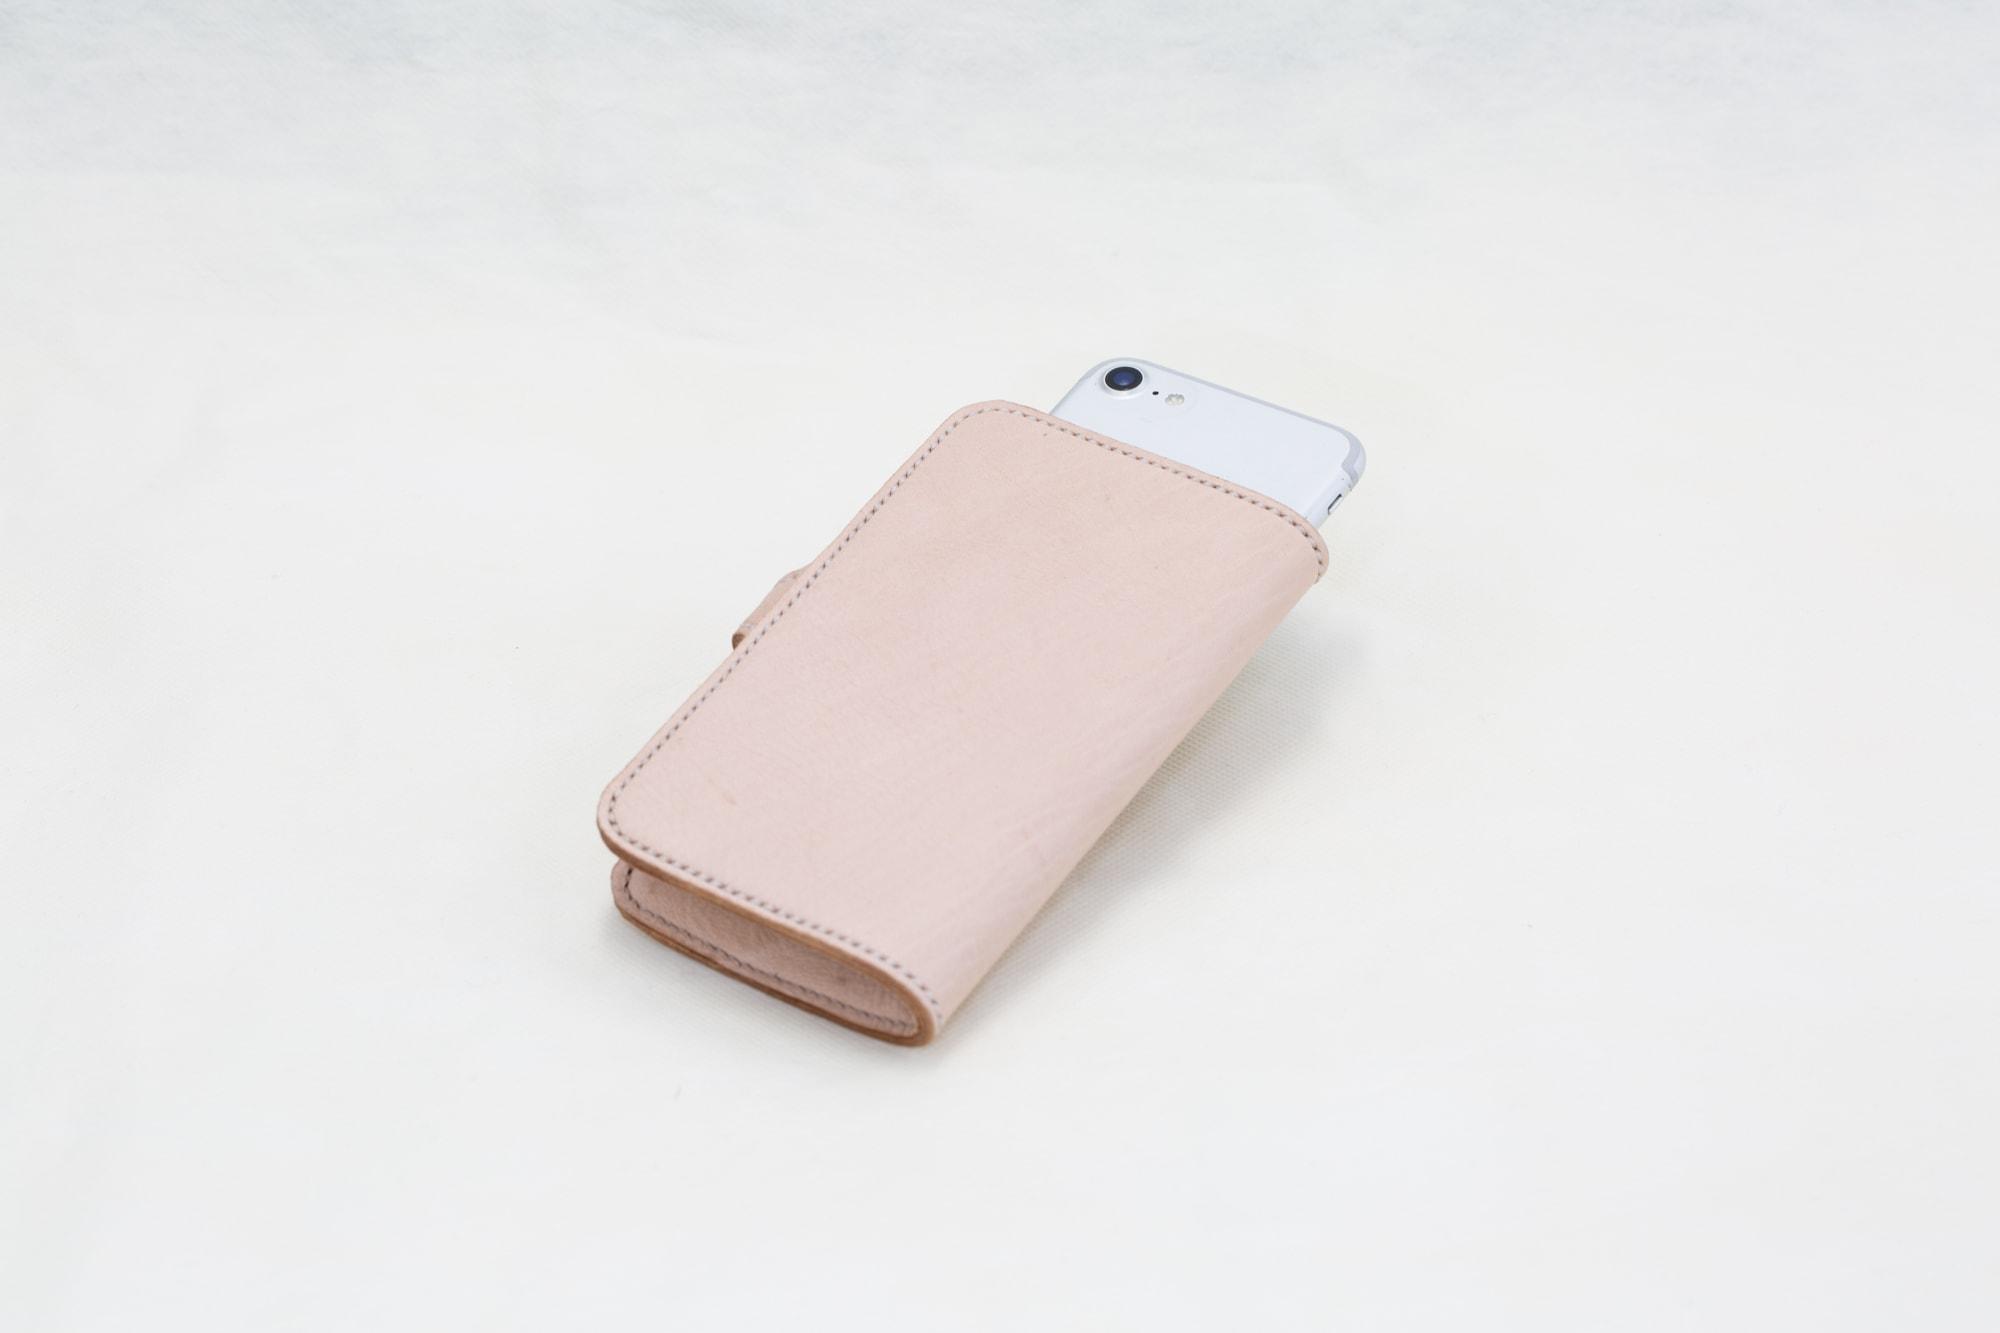 鹿革製品 朱華(はねず) 貴鹿 スマートフォンケース